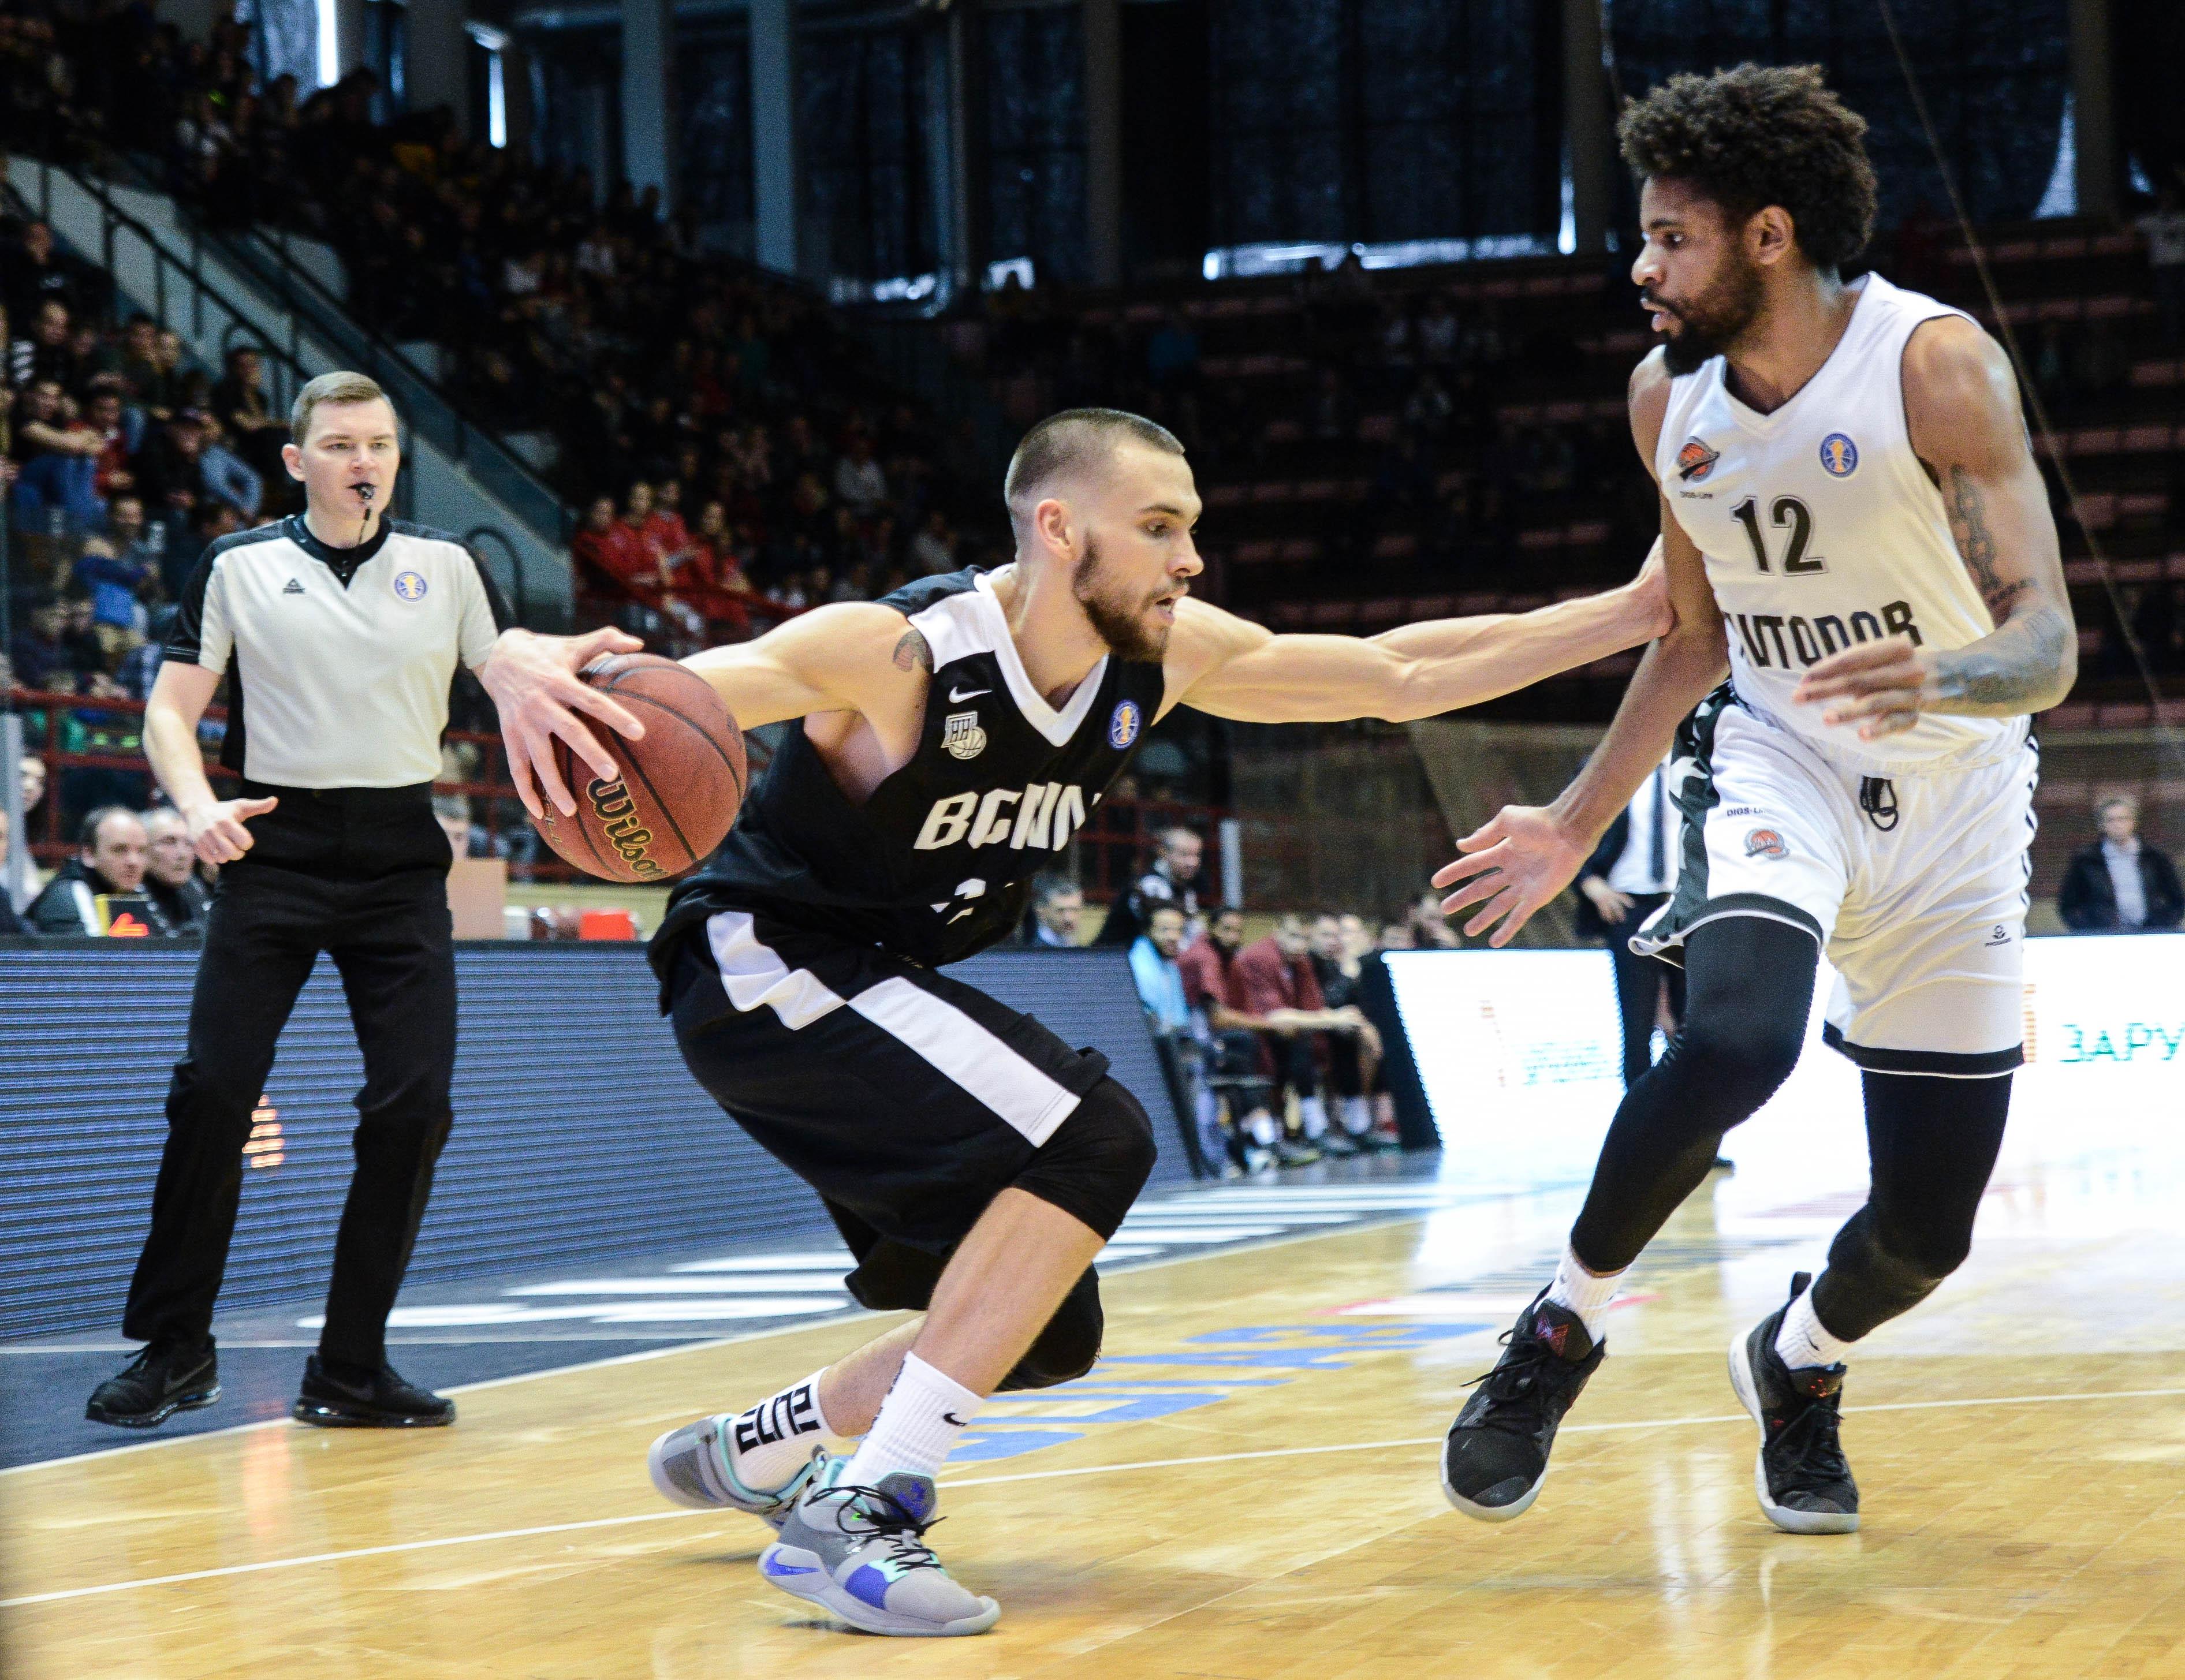 «Нижний» взял реванш у «Автодора» и гарантировал участие в плей-офф